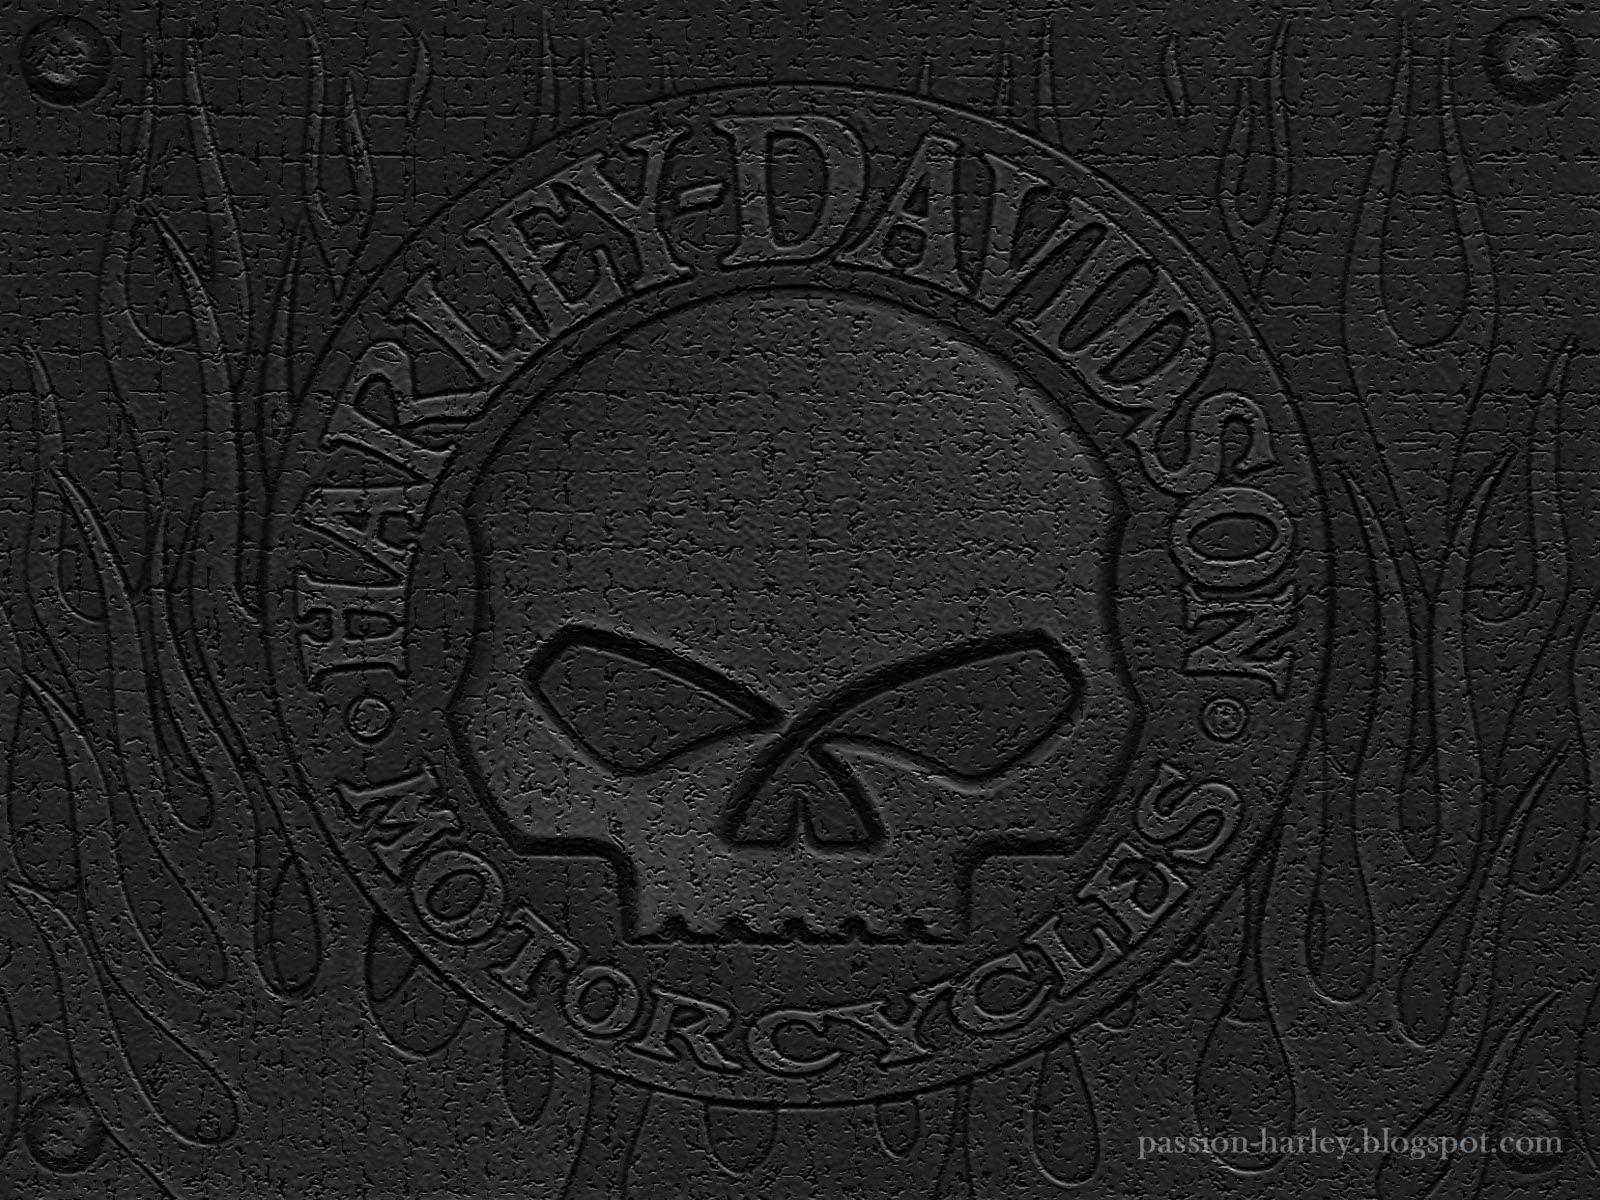 Bildergebnis fr hd wallpaper harley davidson motorroll hd skull wallpapers p voltagebd Images